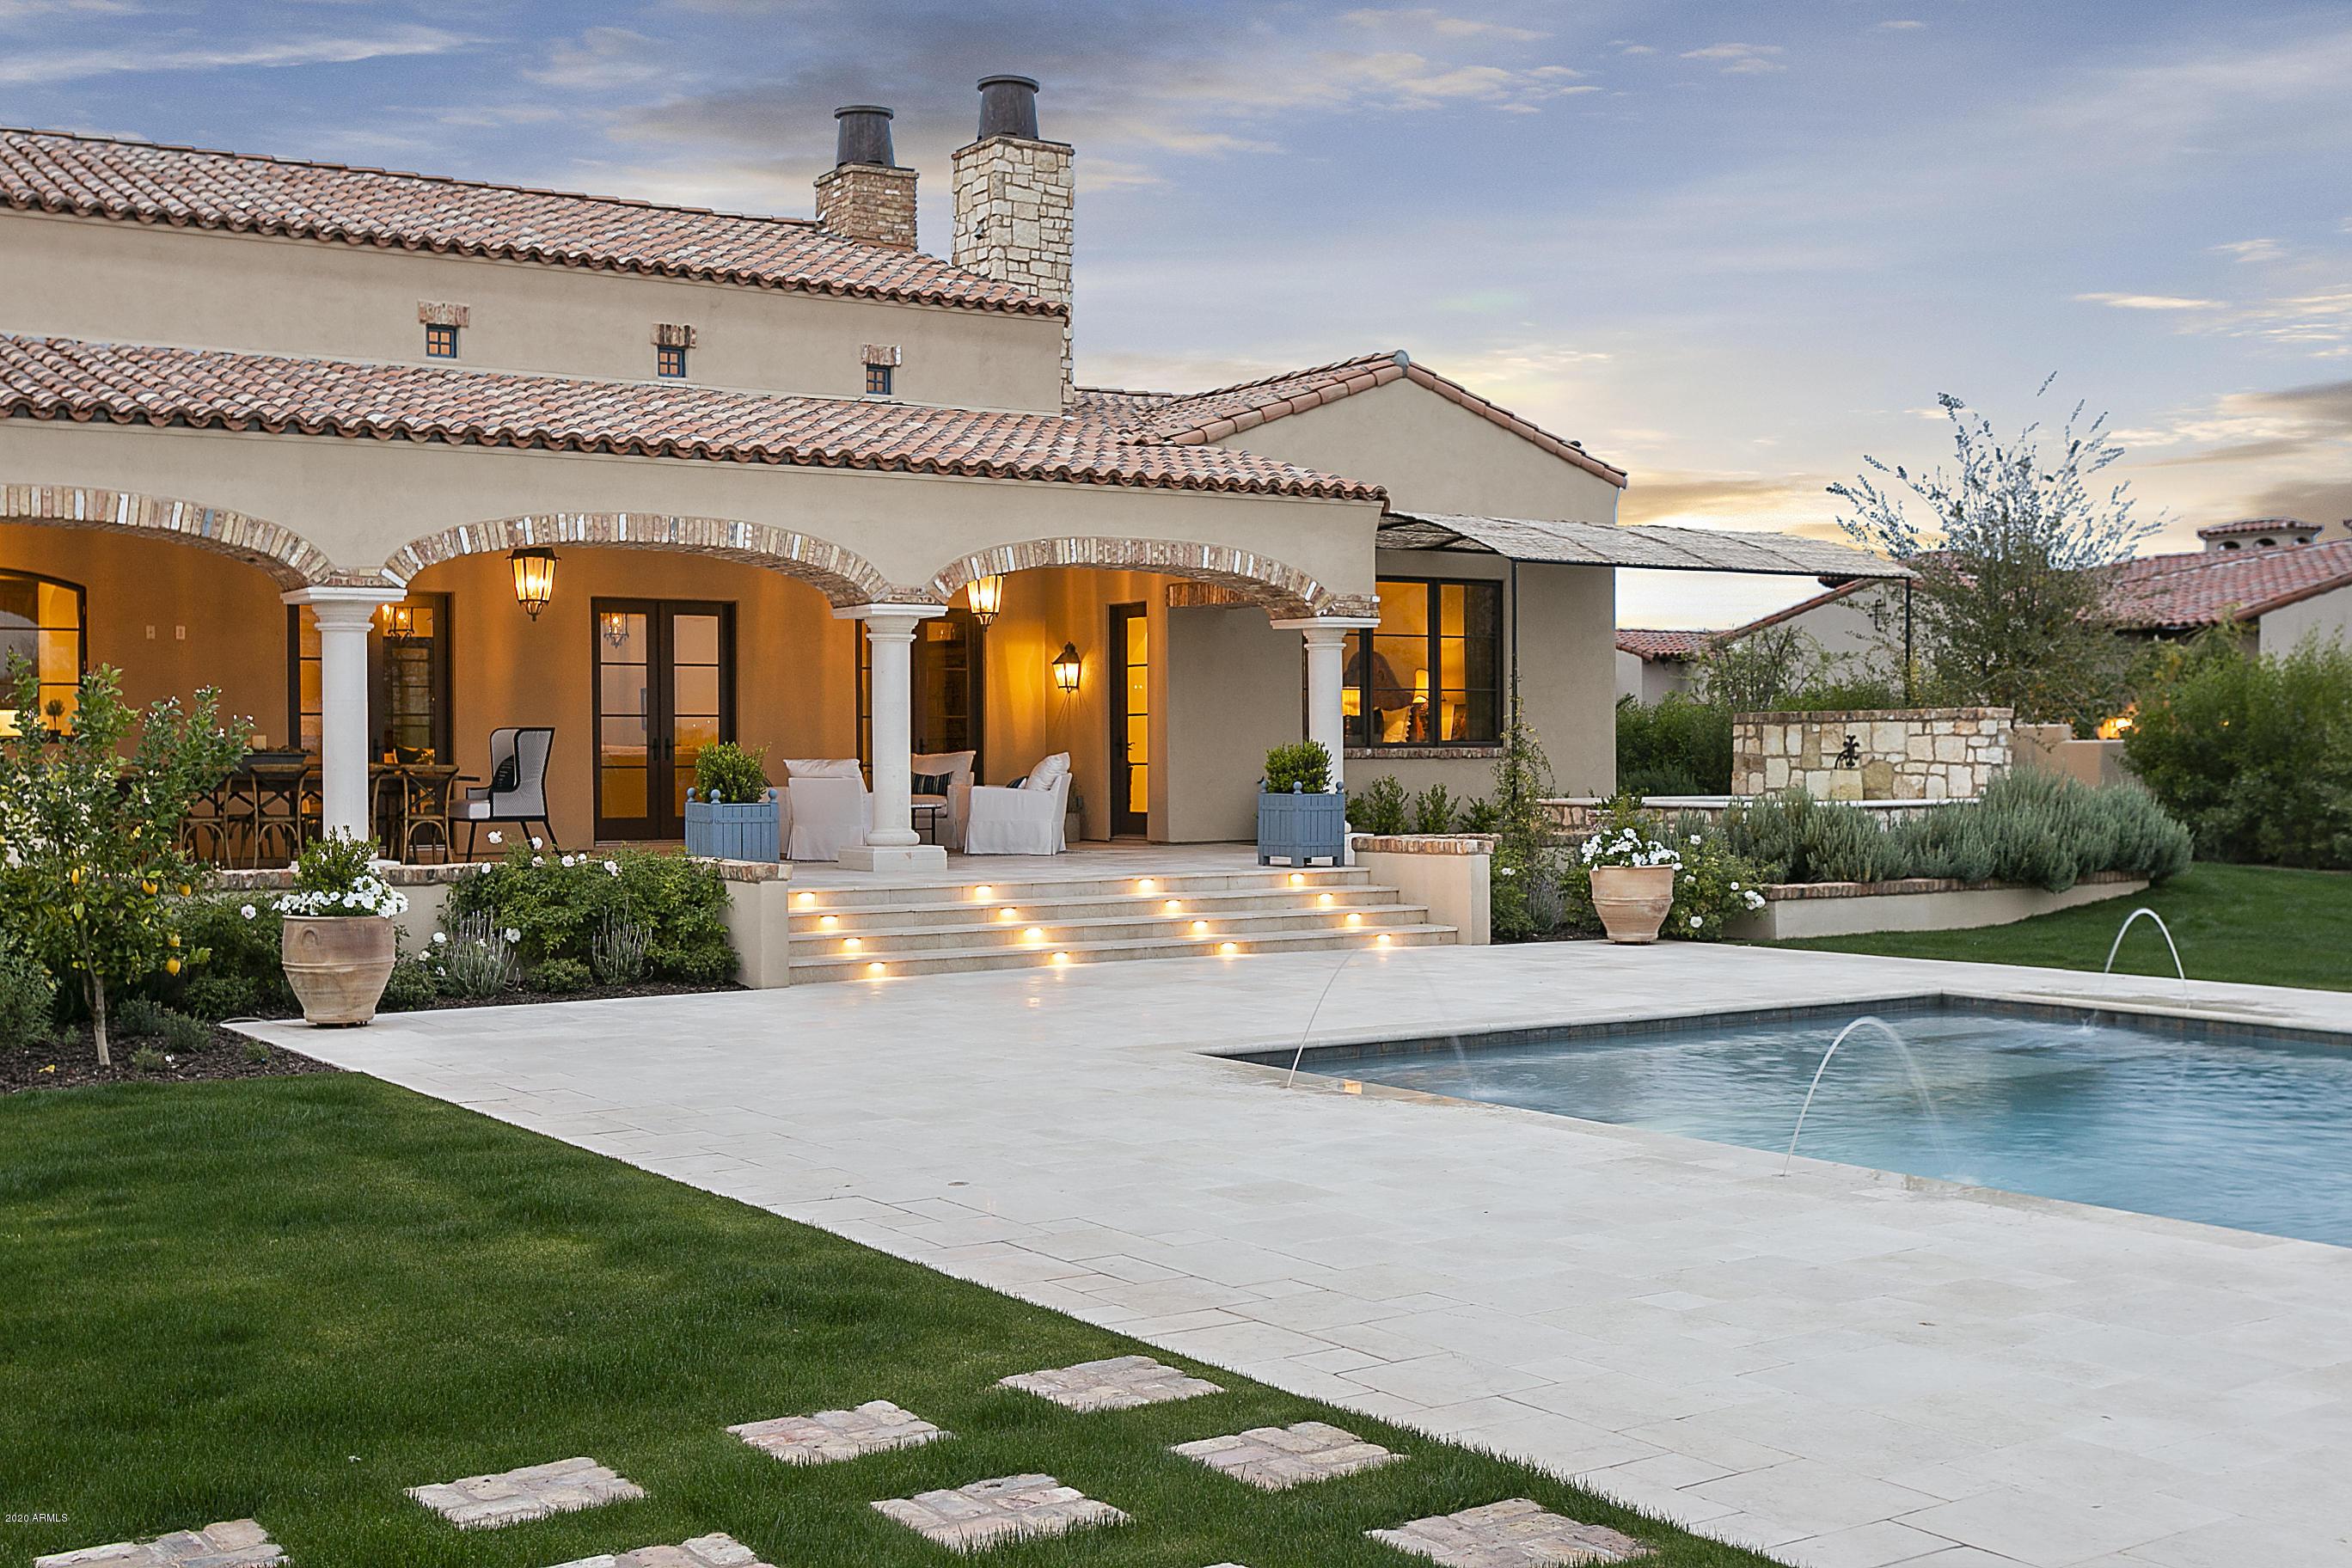 MLS 6046427 8385 W PARK VIEW Court, Peoria, AZ 85383 Peoria AZ Private Pool